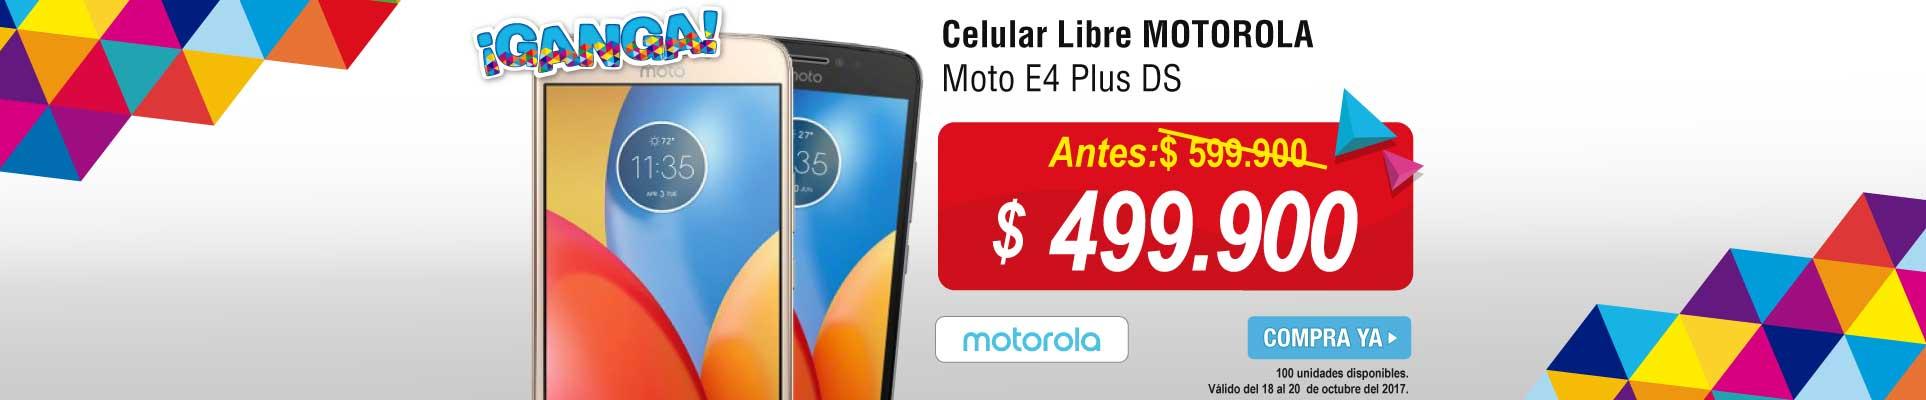 PPAL ALKP-2-celulares-Celular Libre MOTOROLA Moto E4 Plus DS-prod-octubre18-20